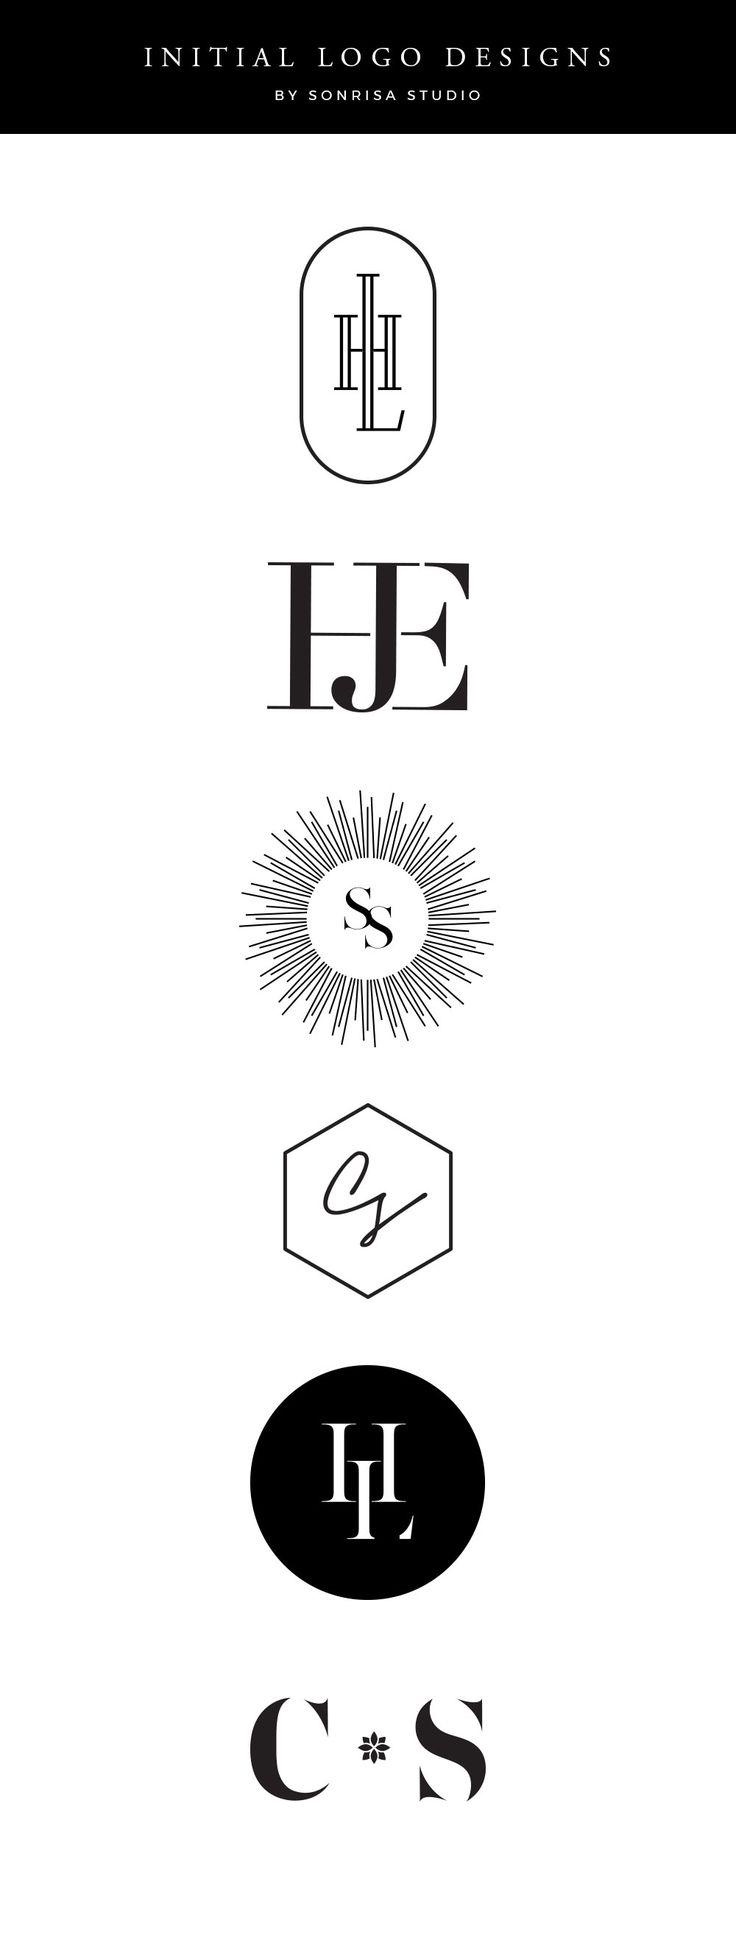 Initial Logo Designs Initials logo, Clothing logo design